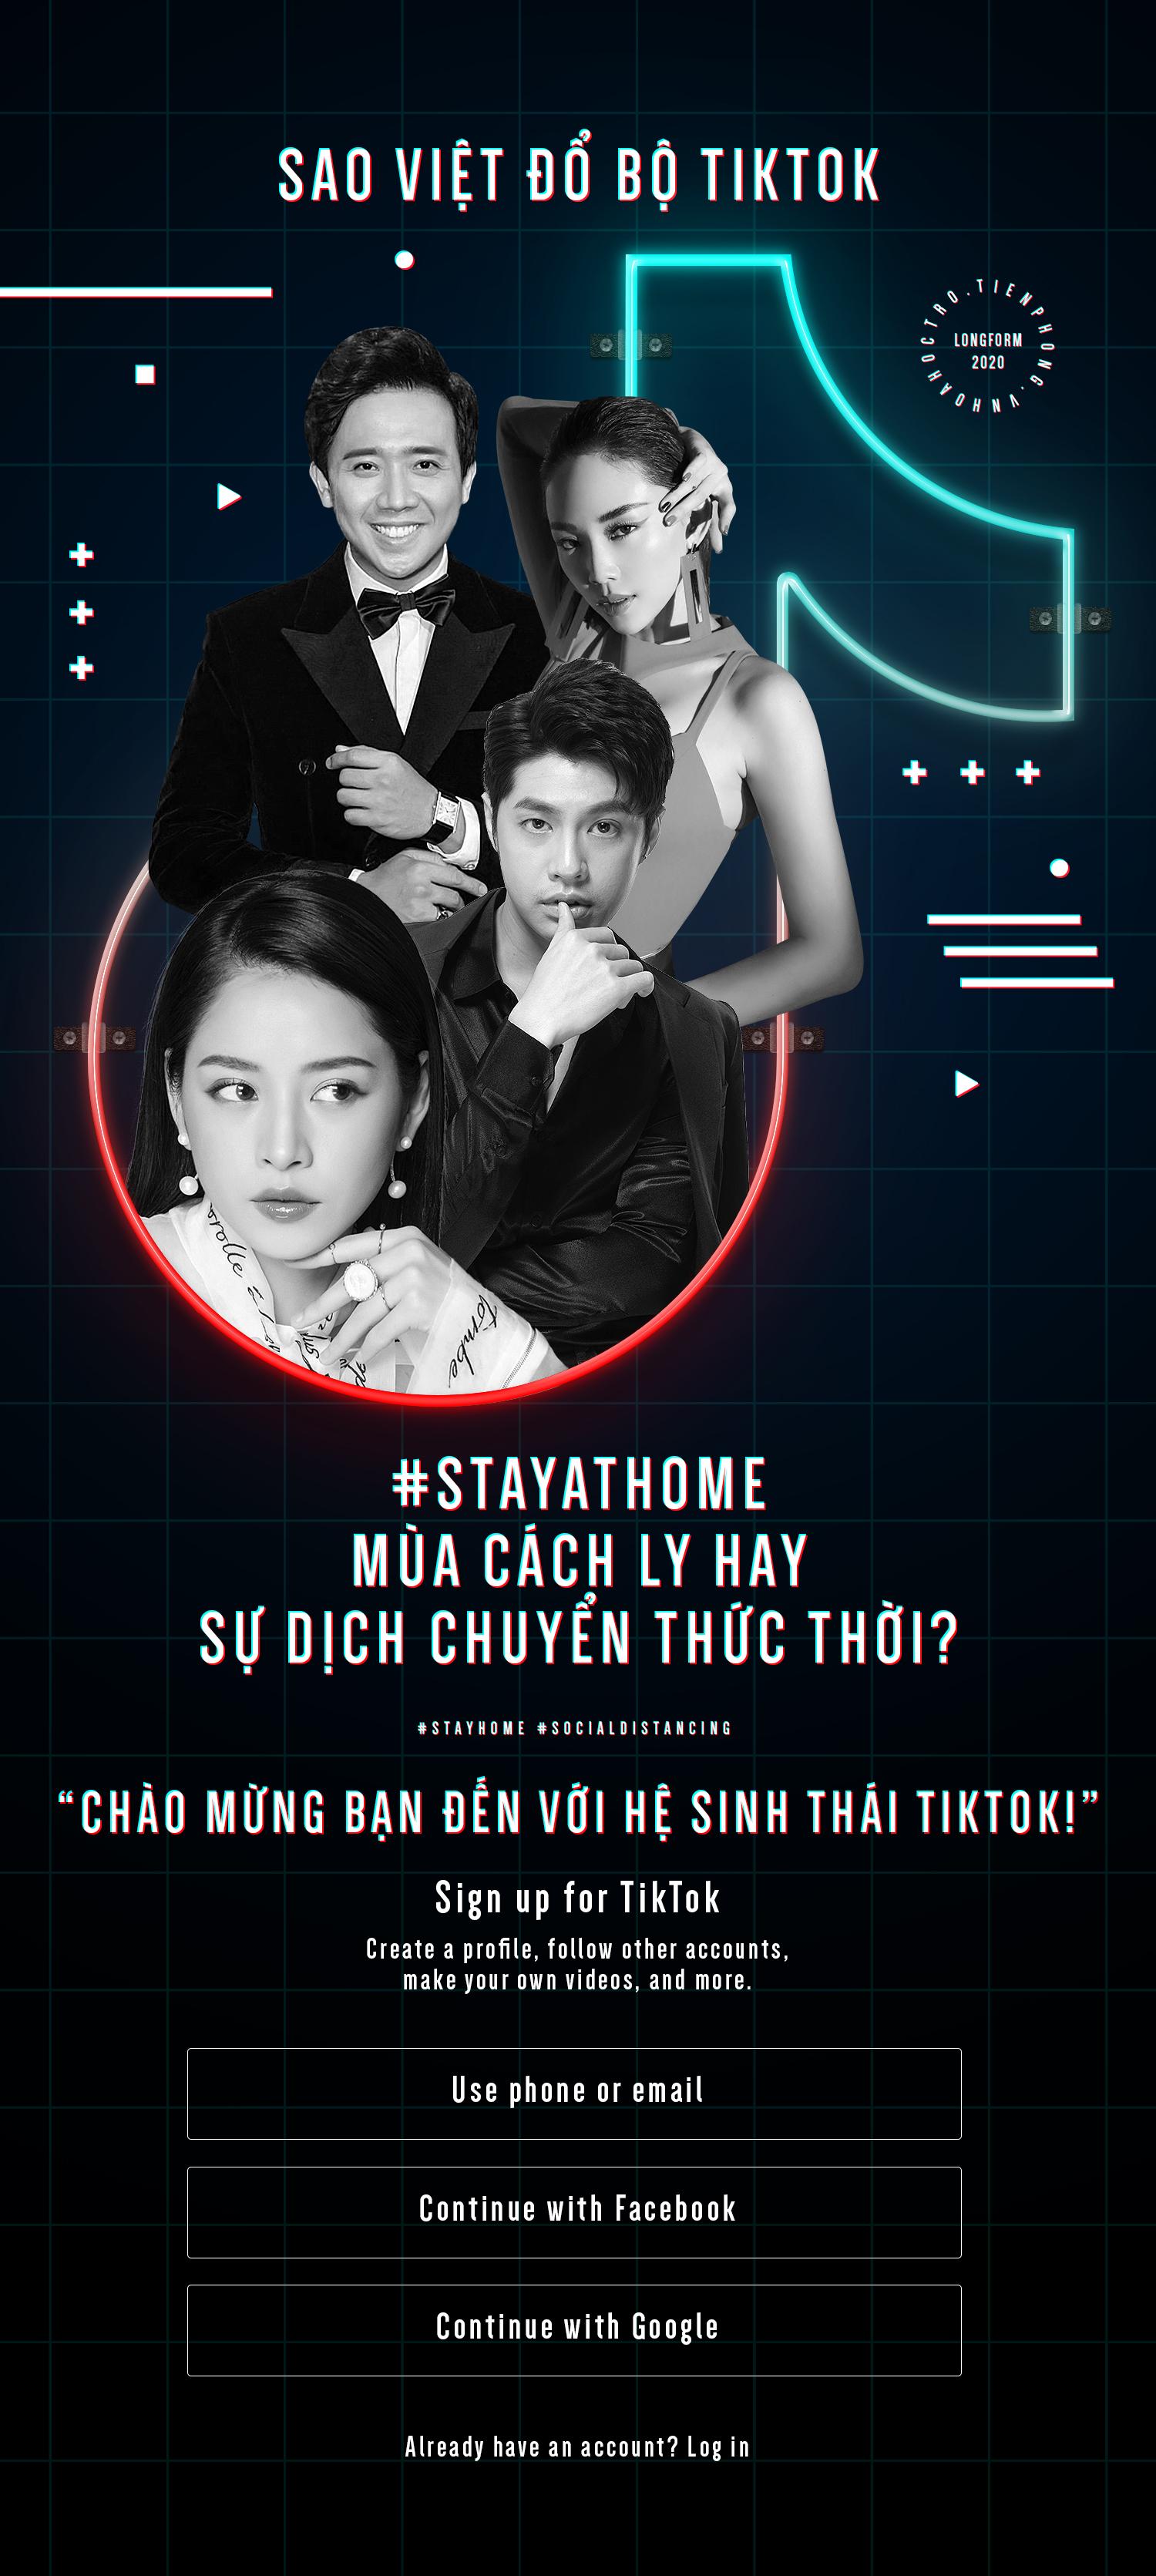 """Sao Việt đổ bộ TikTok: Chống """"ế show"""" mùa cách ly hay sự dịch chuyển thức thời?"""